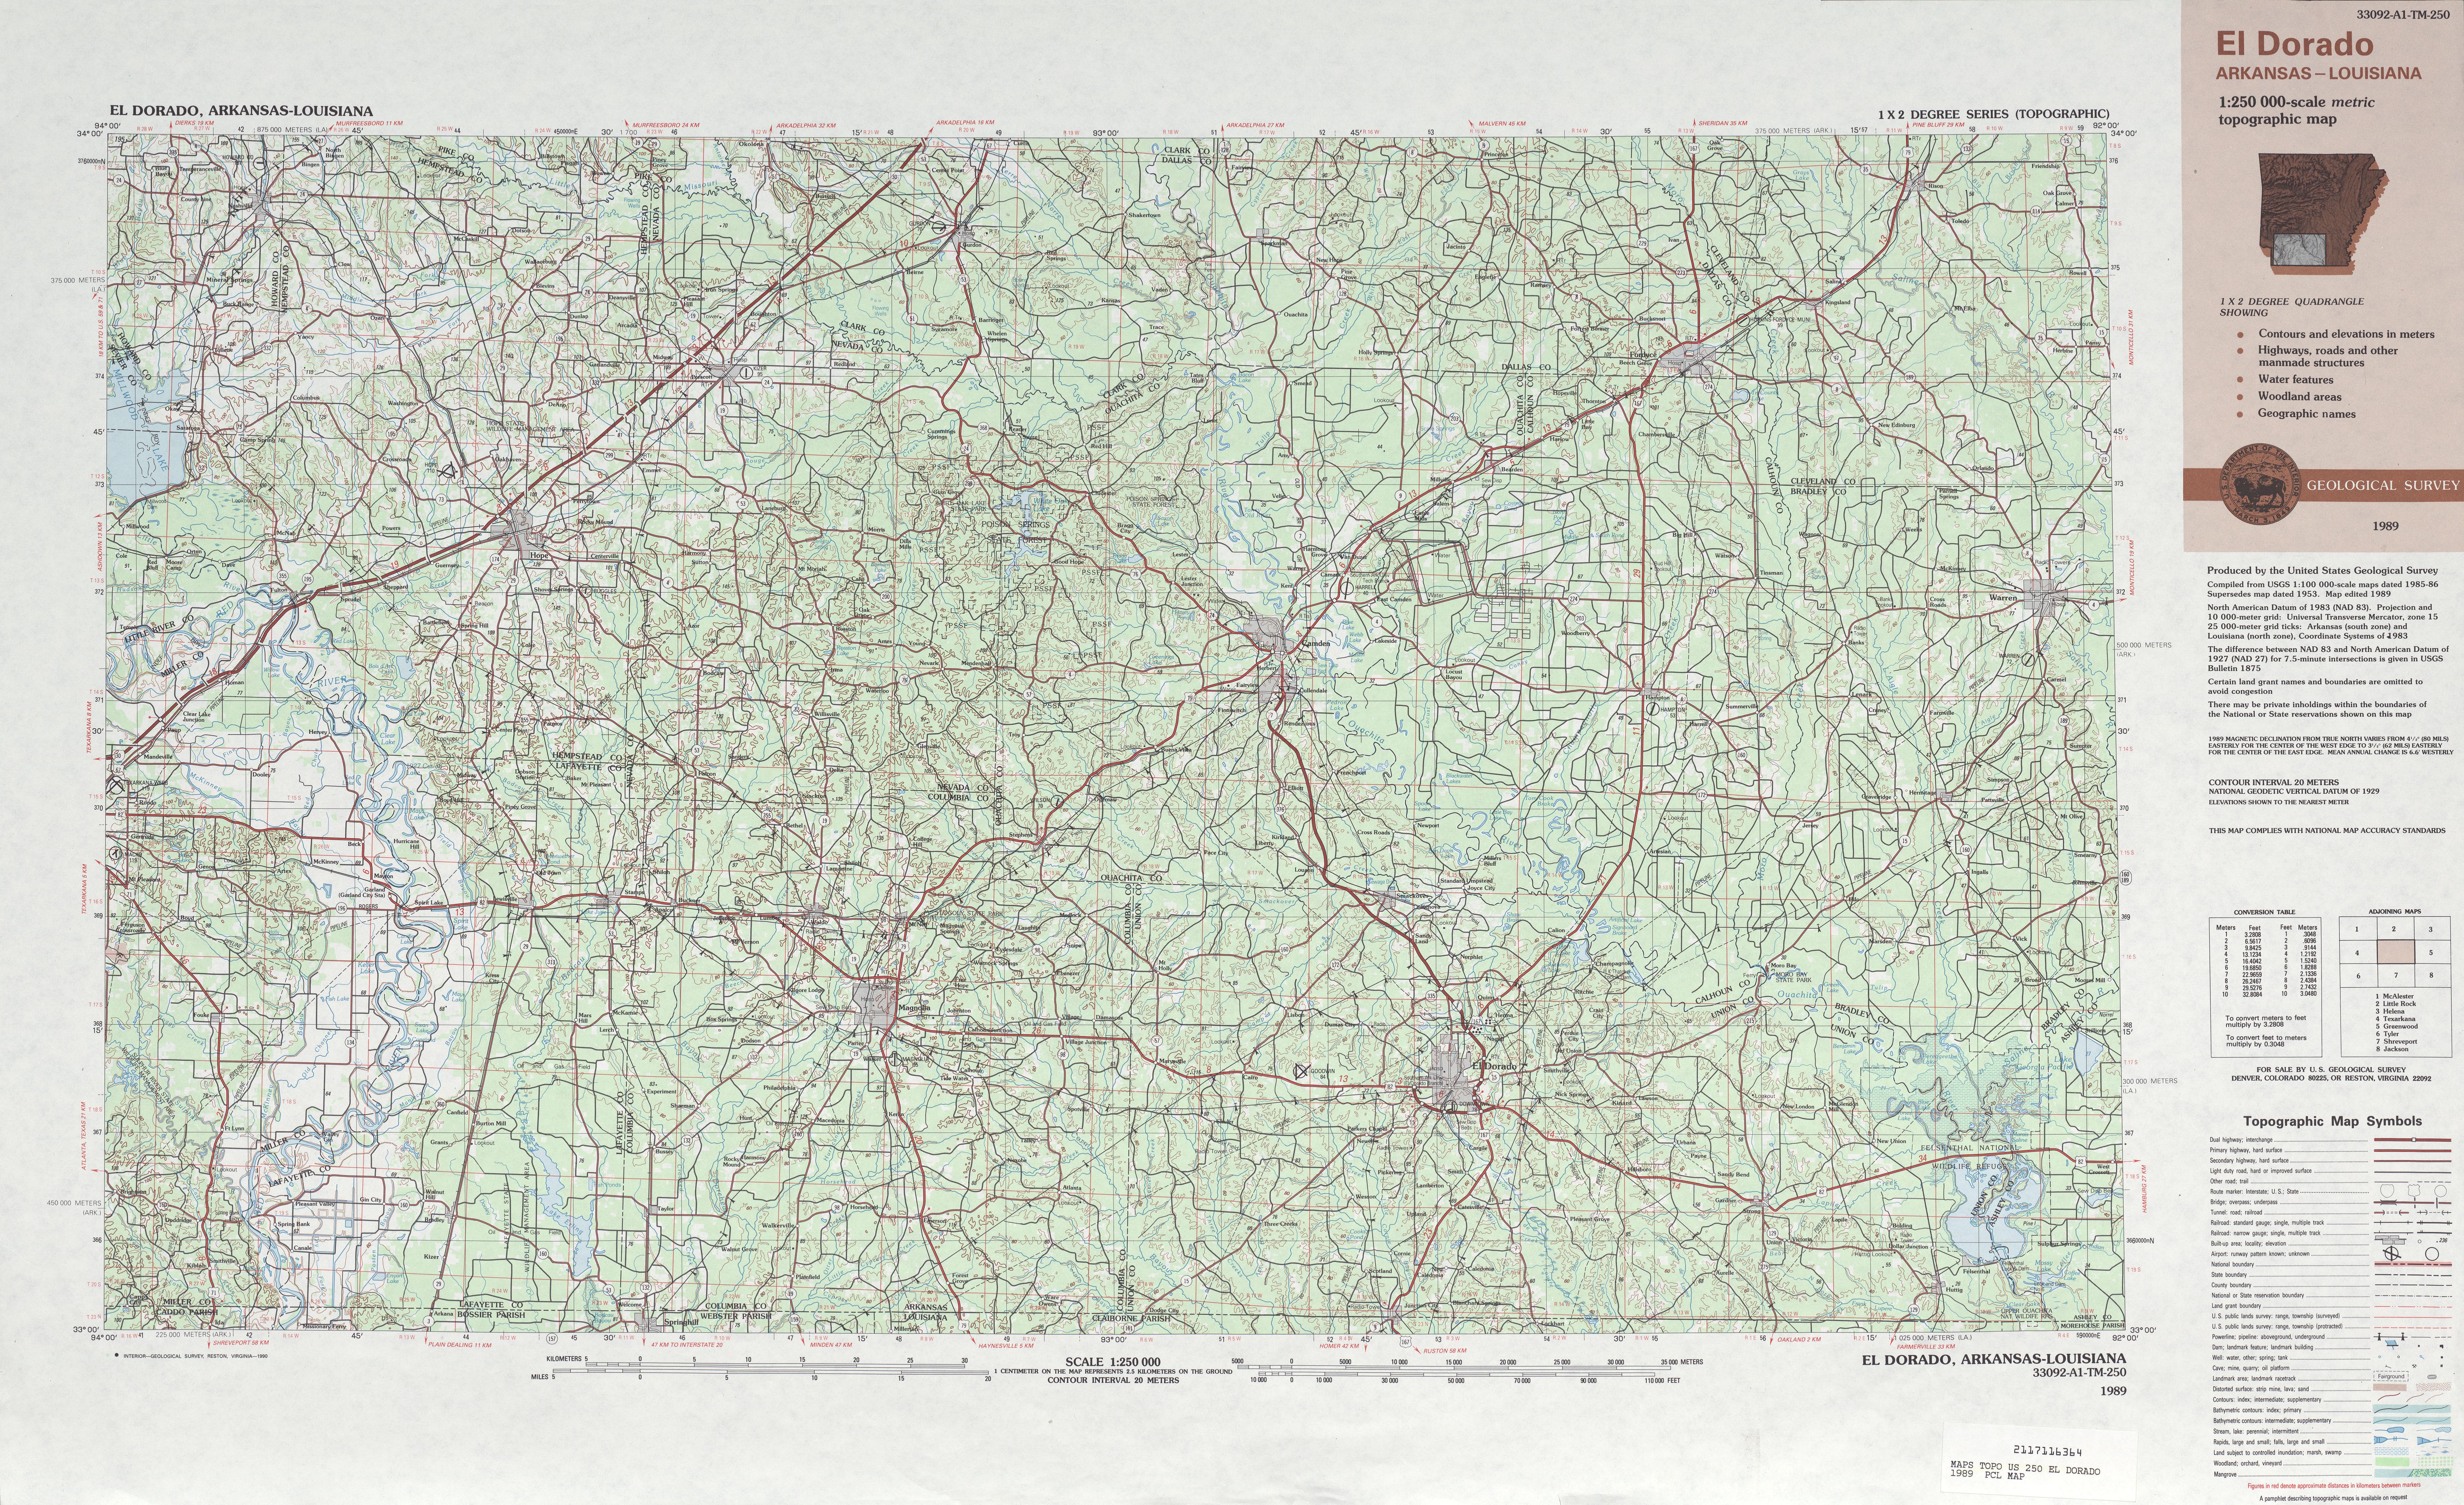 Hoja El Dorado del Mapa Topográfico de los Estados Unidos 1989